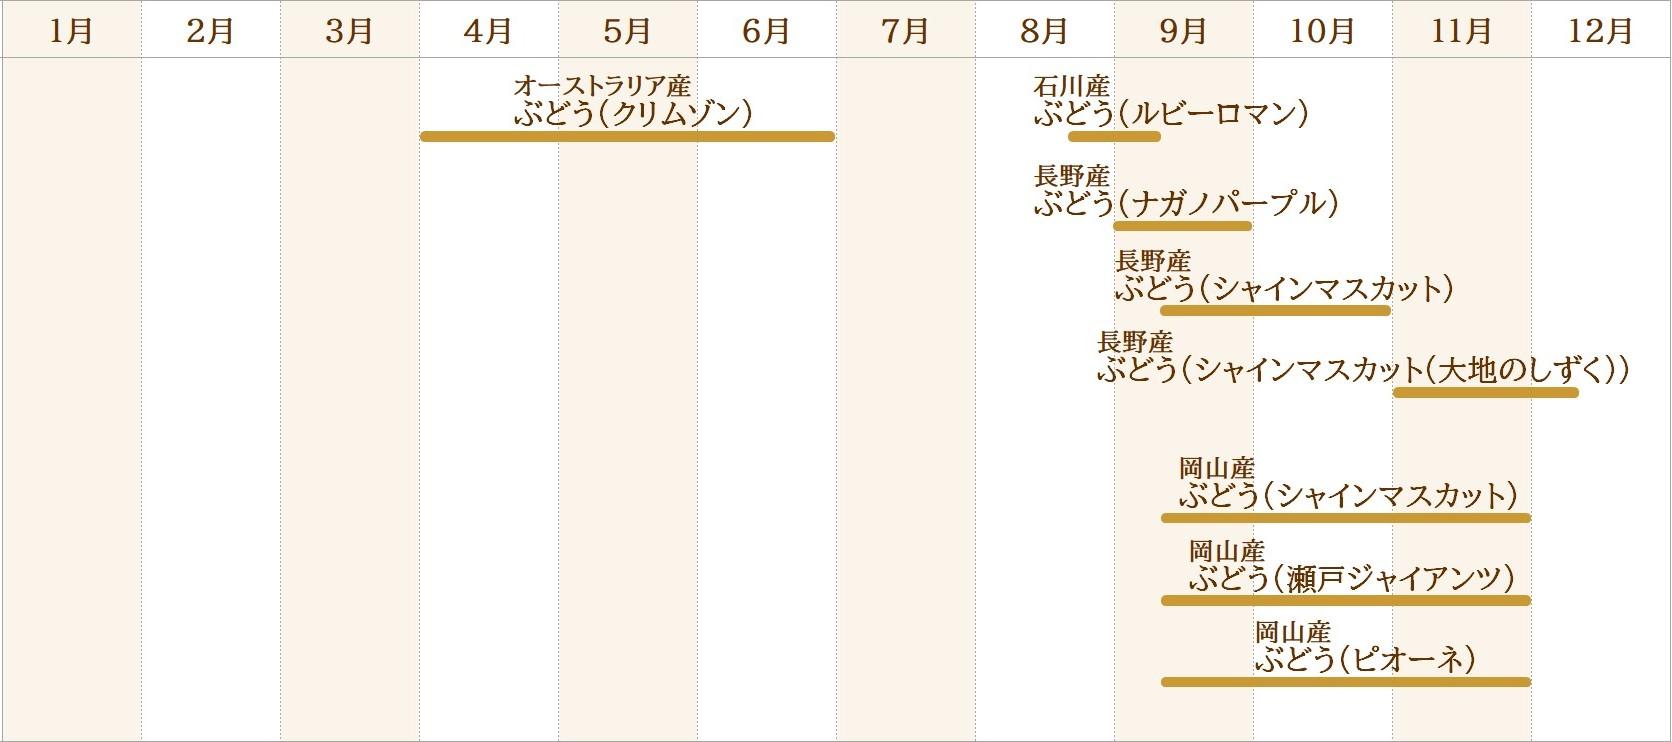 果物取り扱いカレンダー(ぶどう)